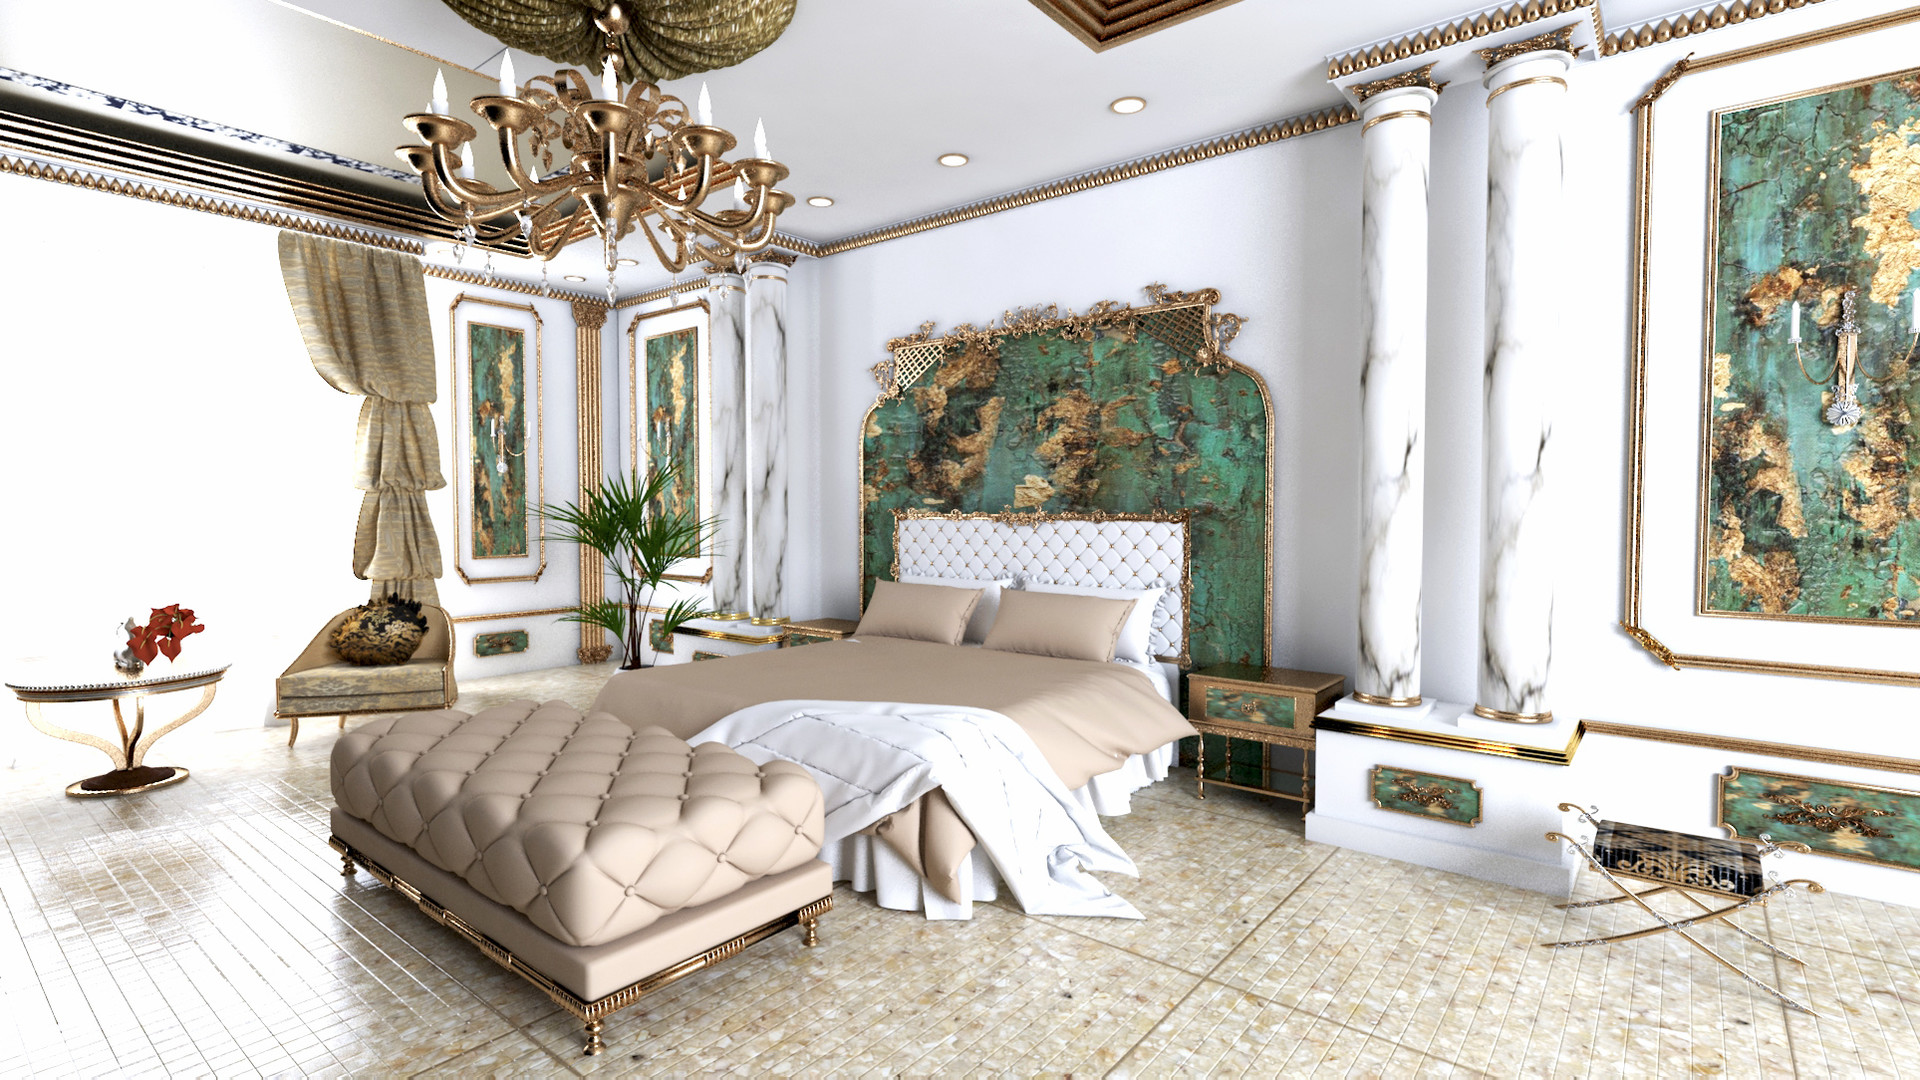 ArtStation - 3D Royal Bedroom Interior Design, Marry o\' mariya